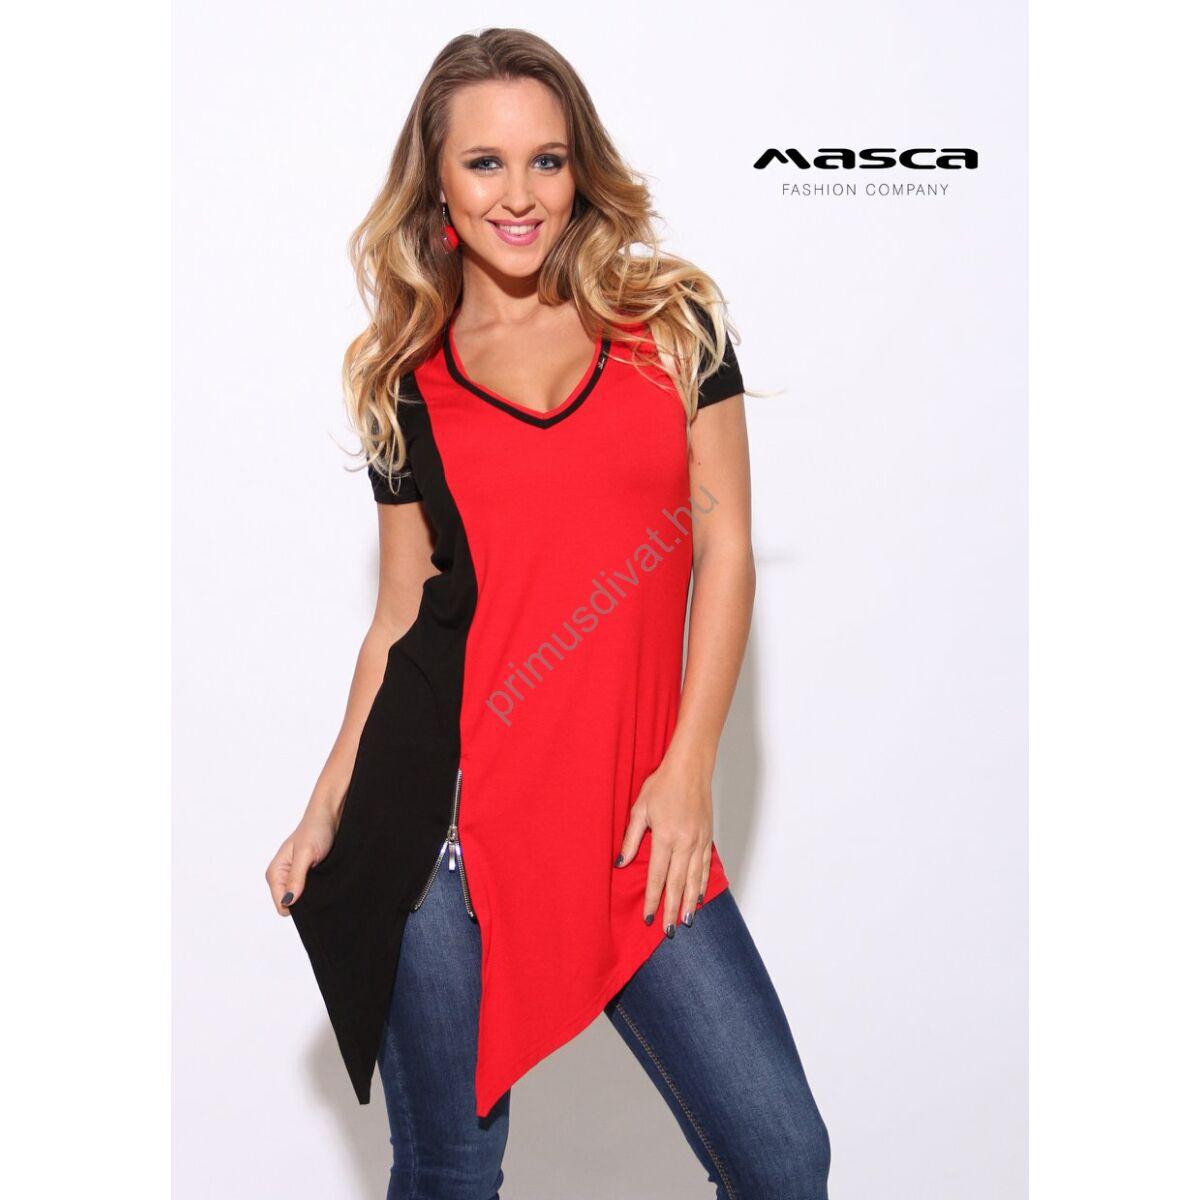 583880c739 Kép 1/1 - Masca Fashion aszimmetrikusan ferdén szabott aljú, rövid ujjú  piros-fekete tunika, cipzár díszítéssel